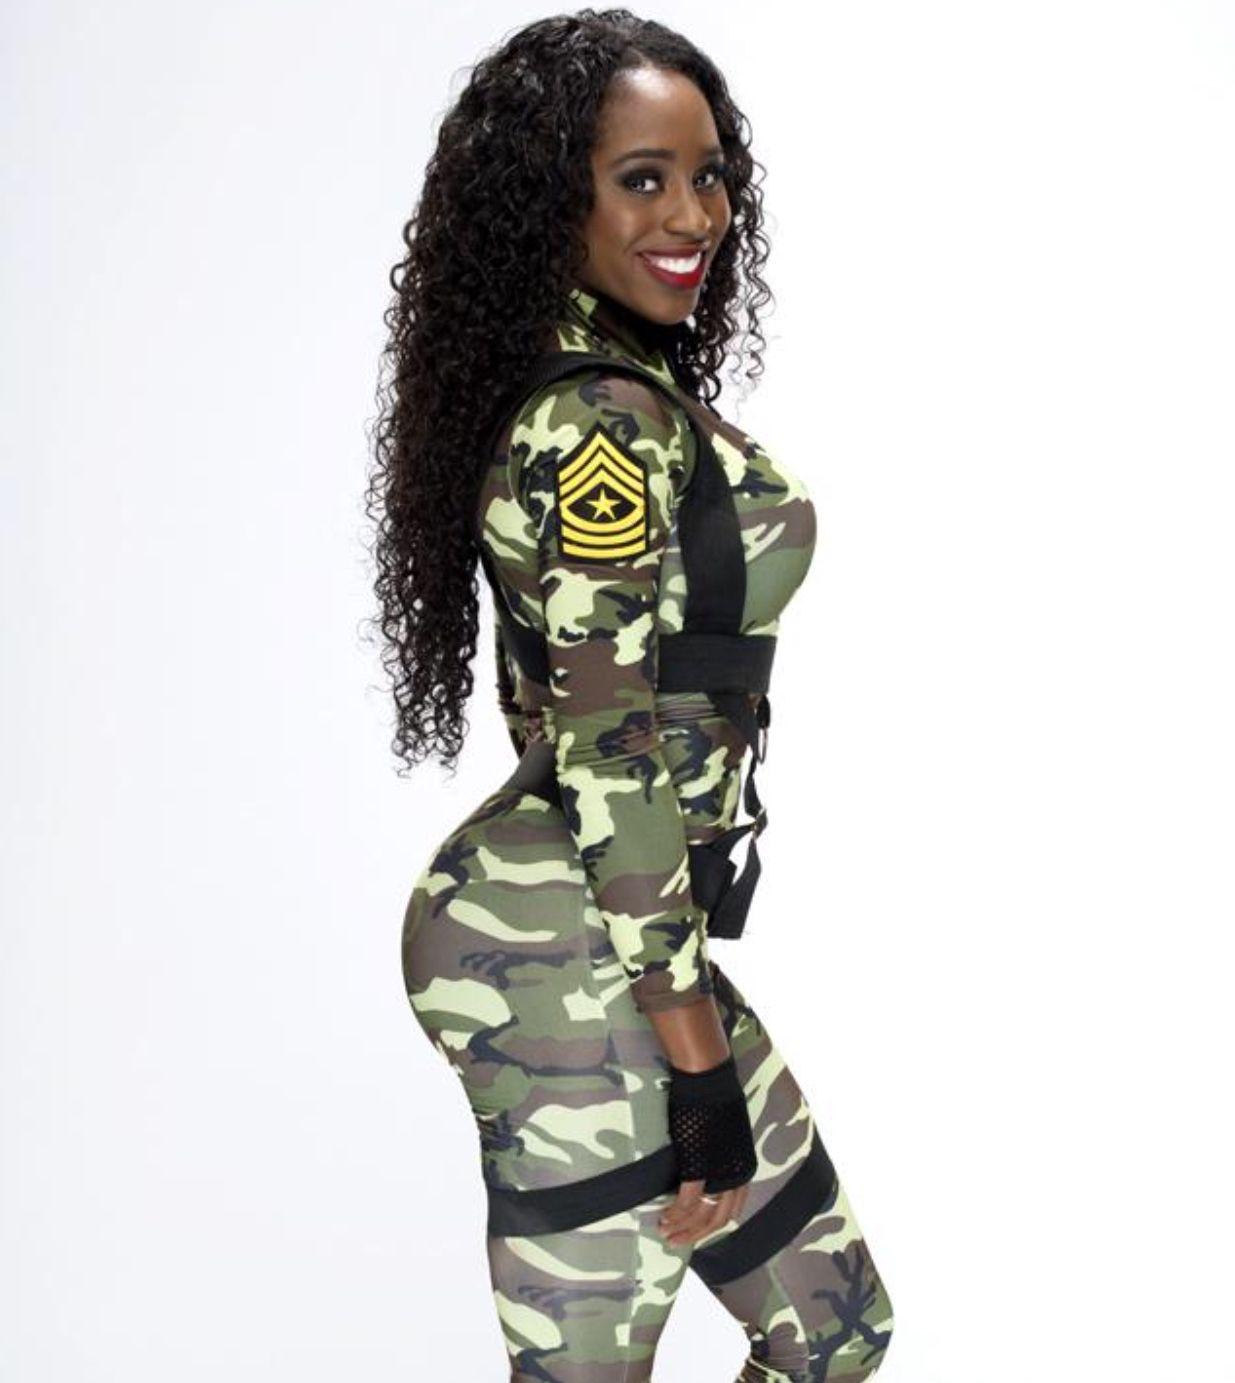 wwe divas halloween costume naomi - Soldier Girl Halloween Costume